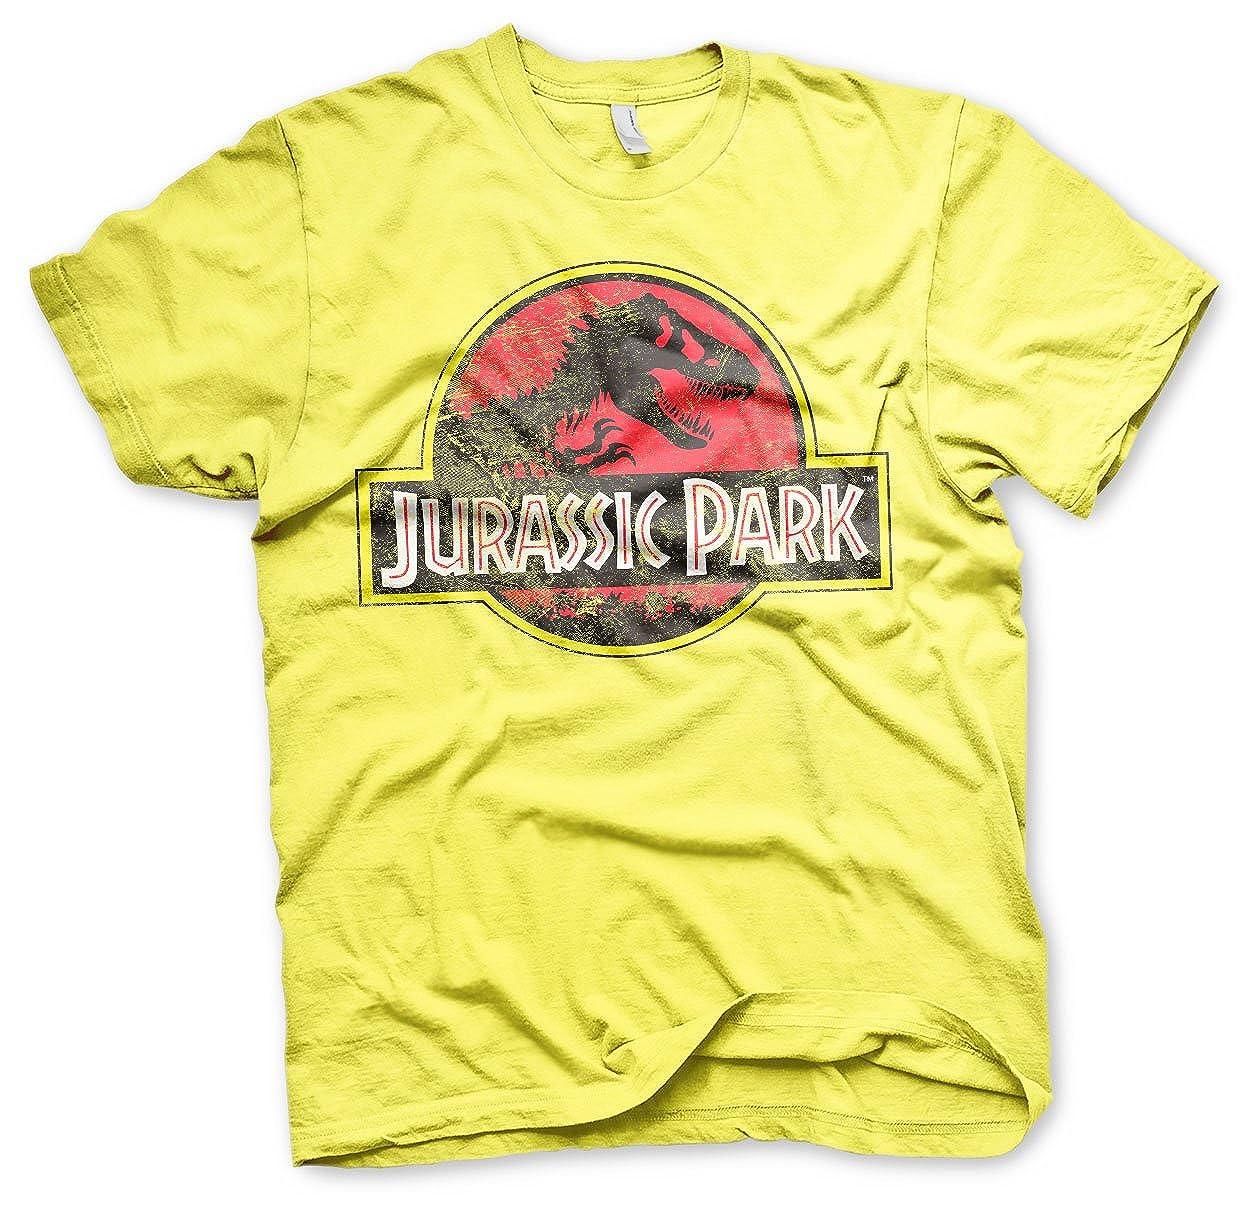 Jurassic Park Licenza Ufficiale Distressed Logo Uomo Maglietta Giallo